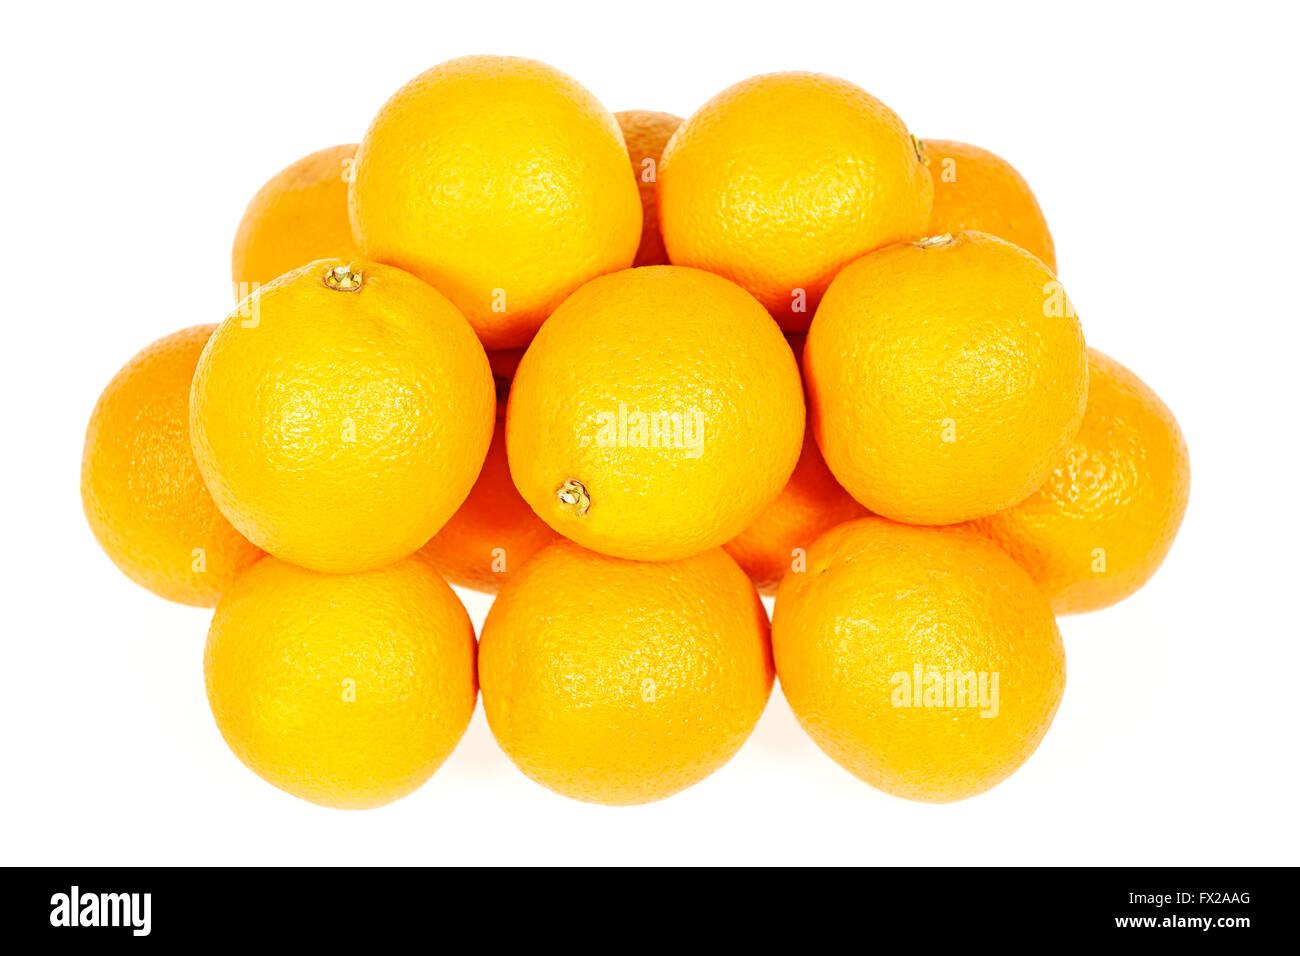 Fresh oranges isolated on a white background - Stock Image